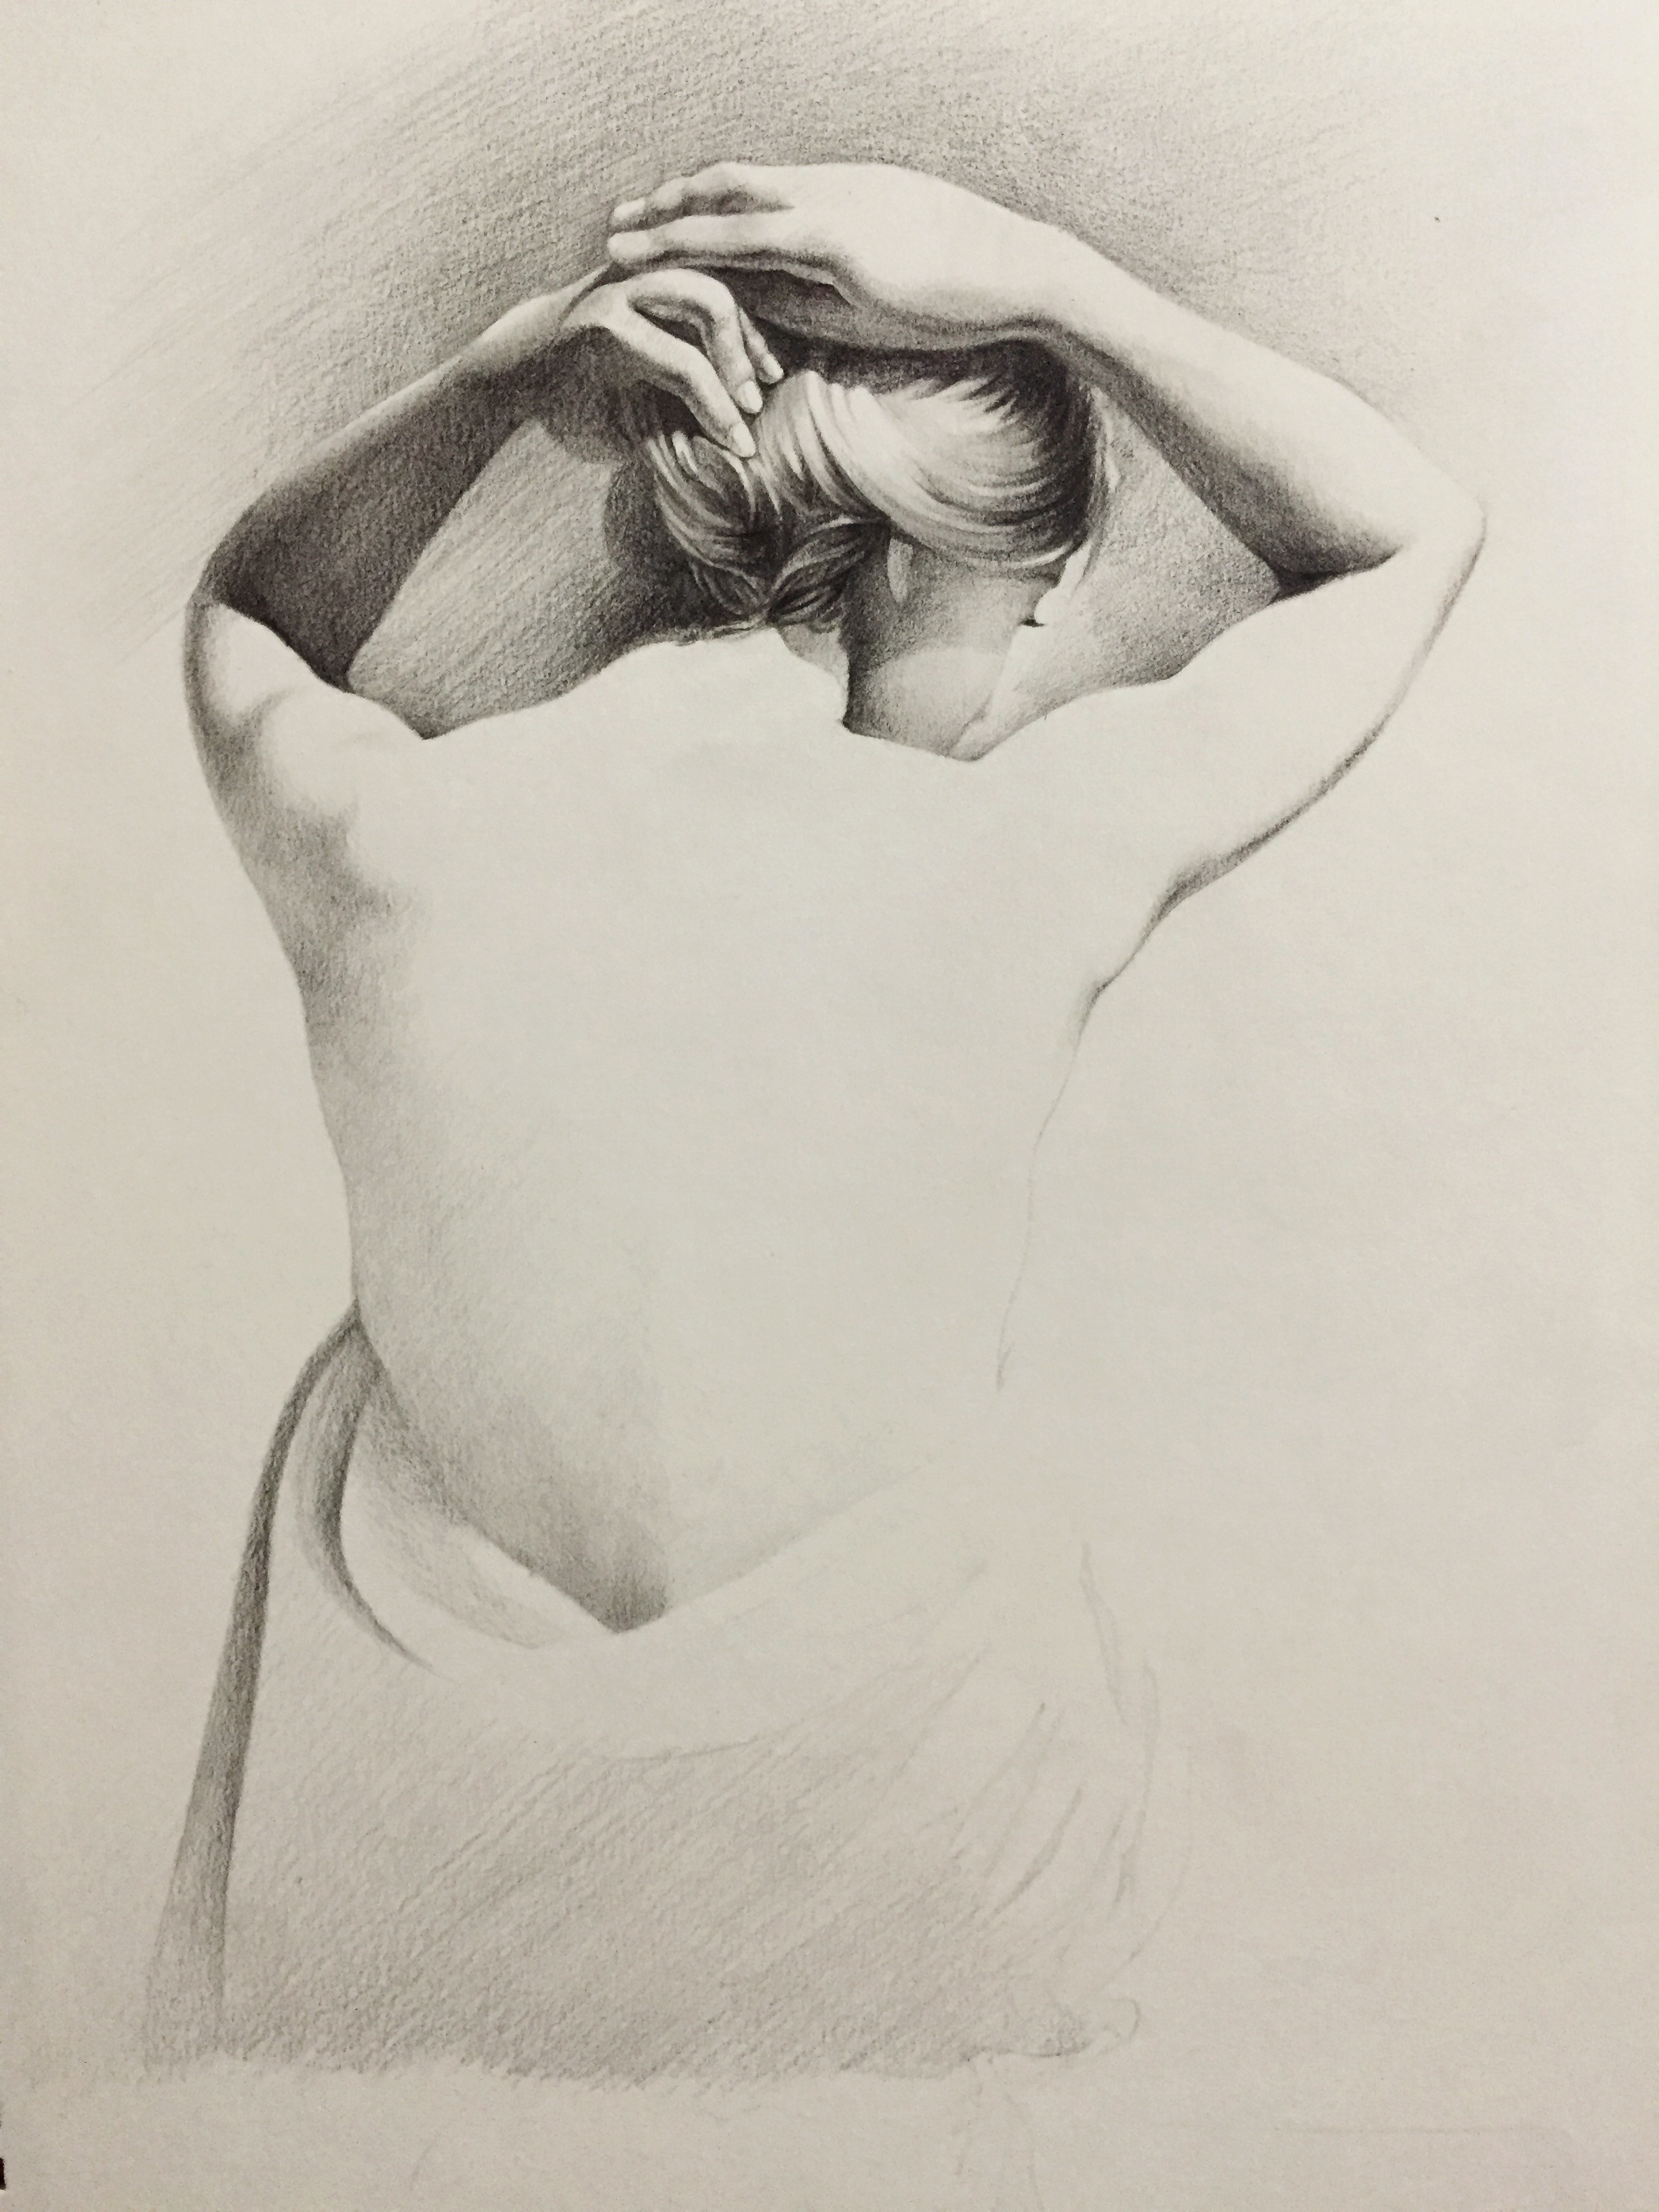 彩铅肖像画手绘半裸女素描